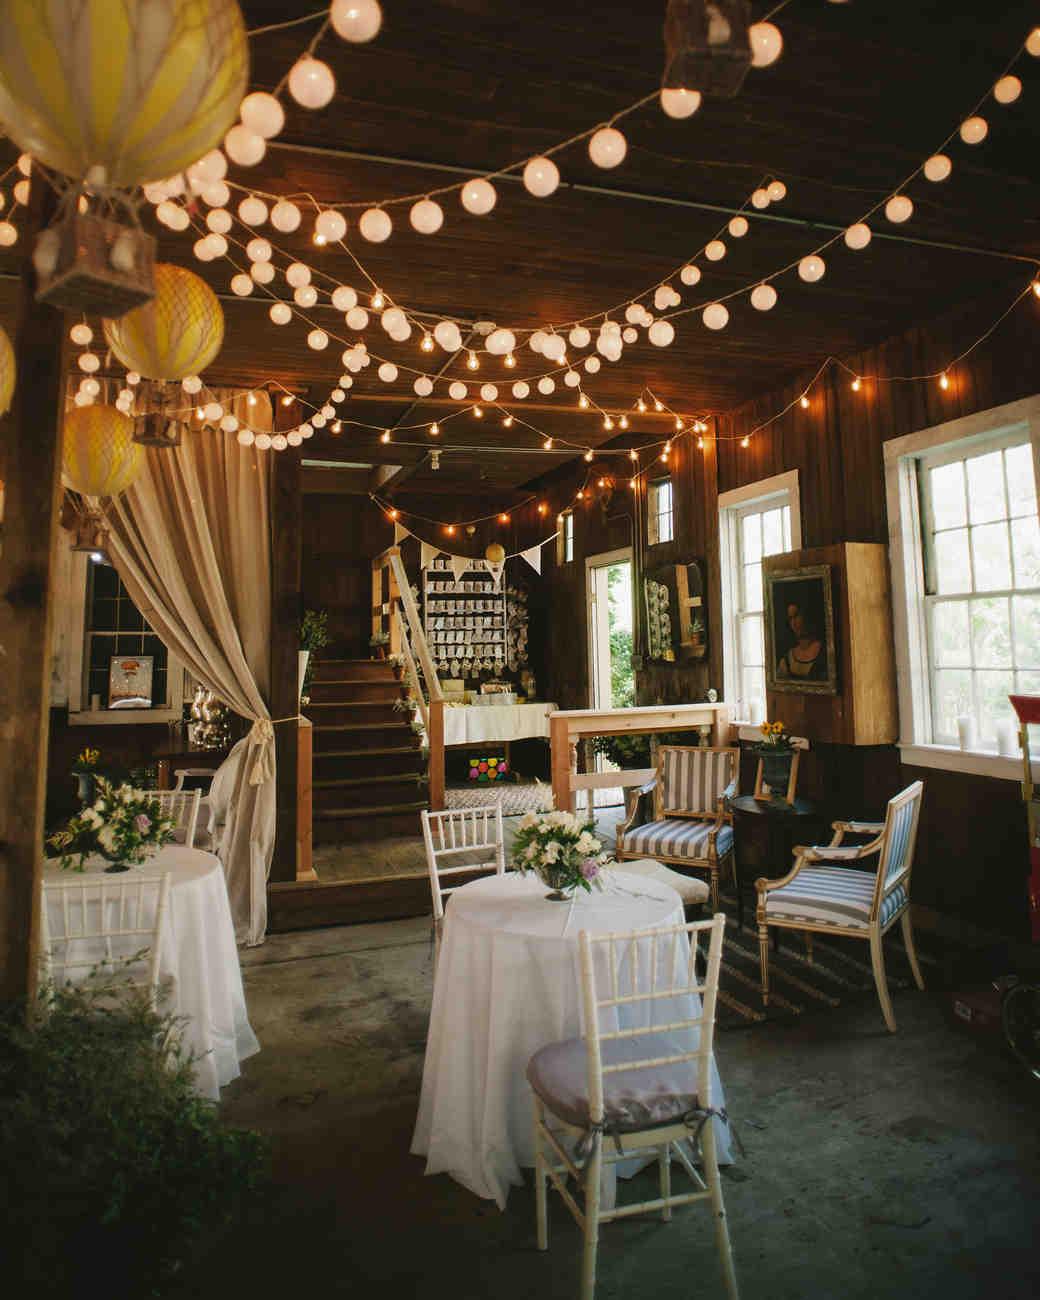 A Vintageinspired Barn Wedding Woodstock Connecticut Martha Stewart Weddings: Vintage Barn Wedding Venue At Websimilar.org